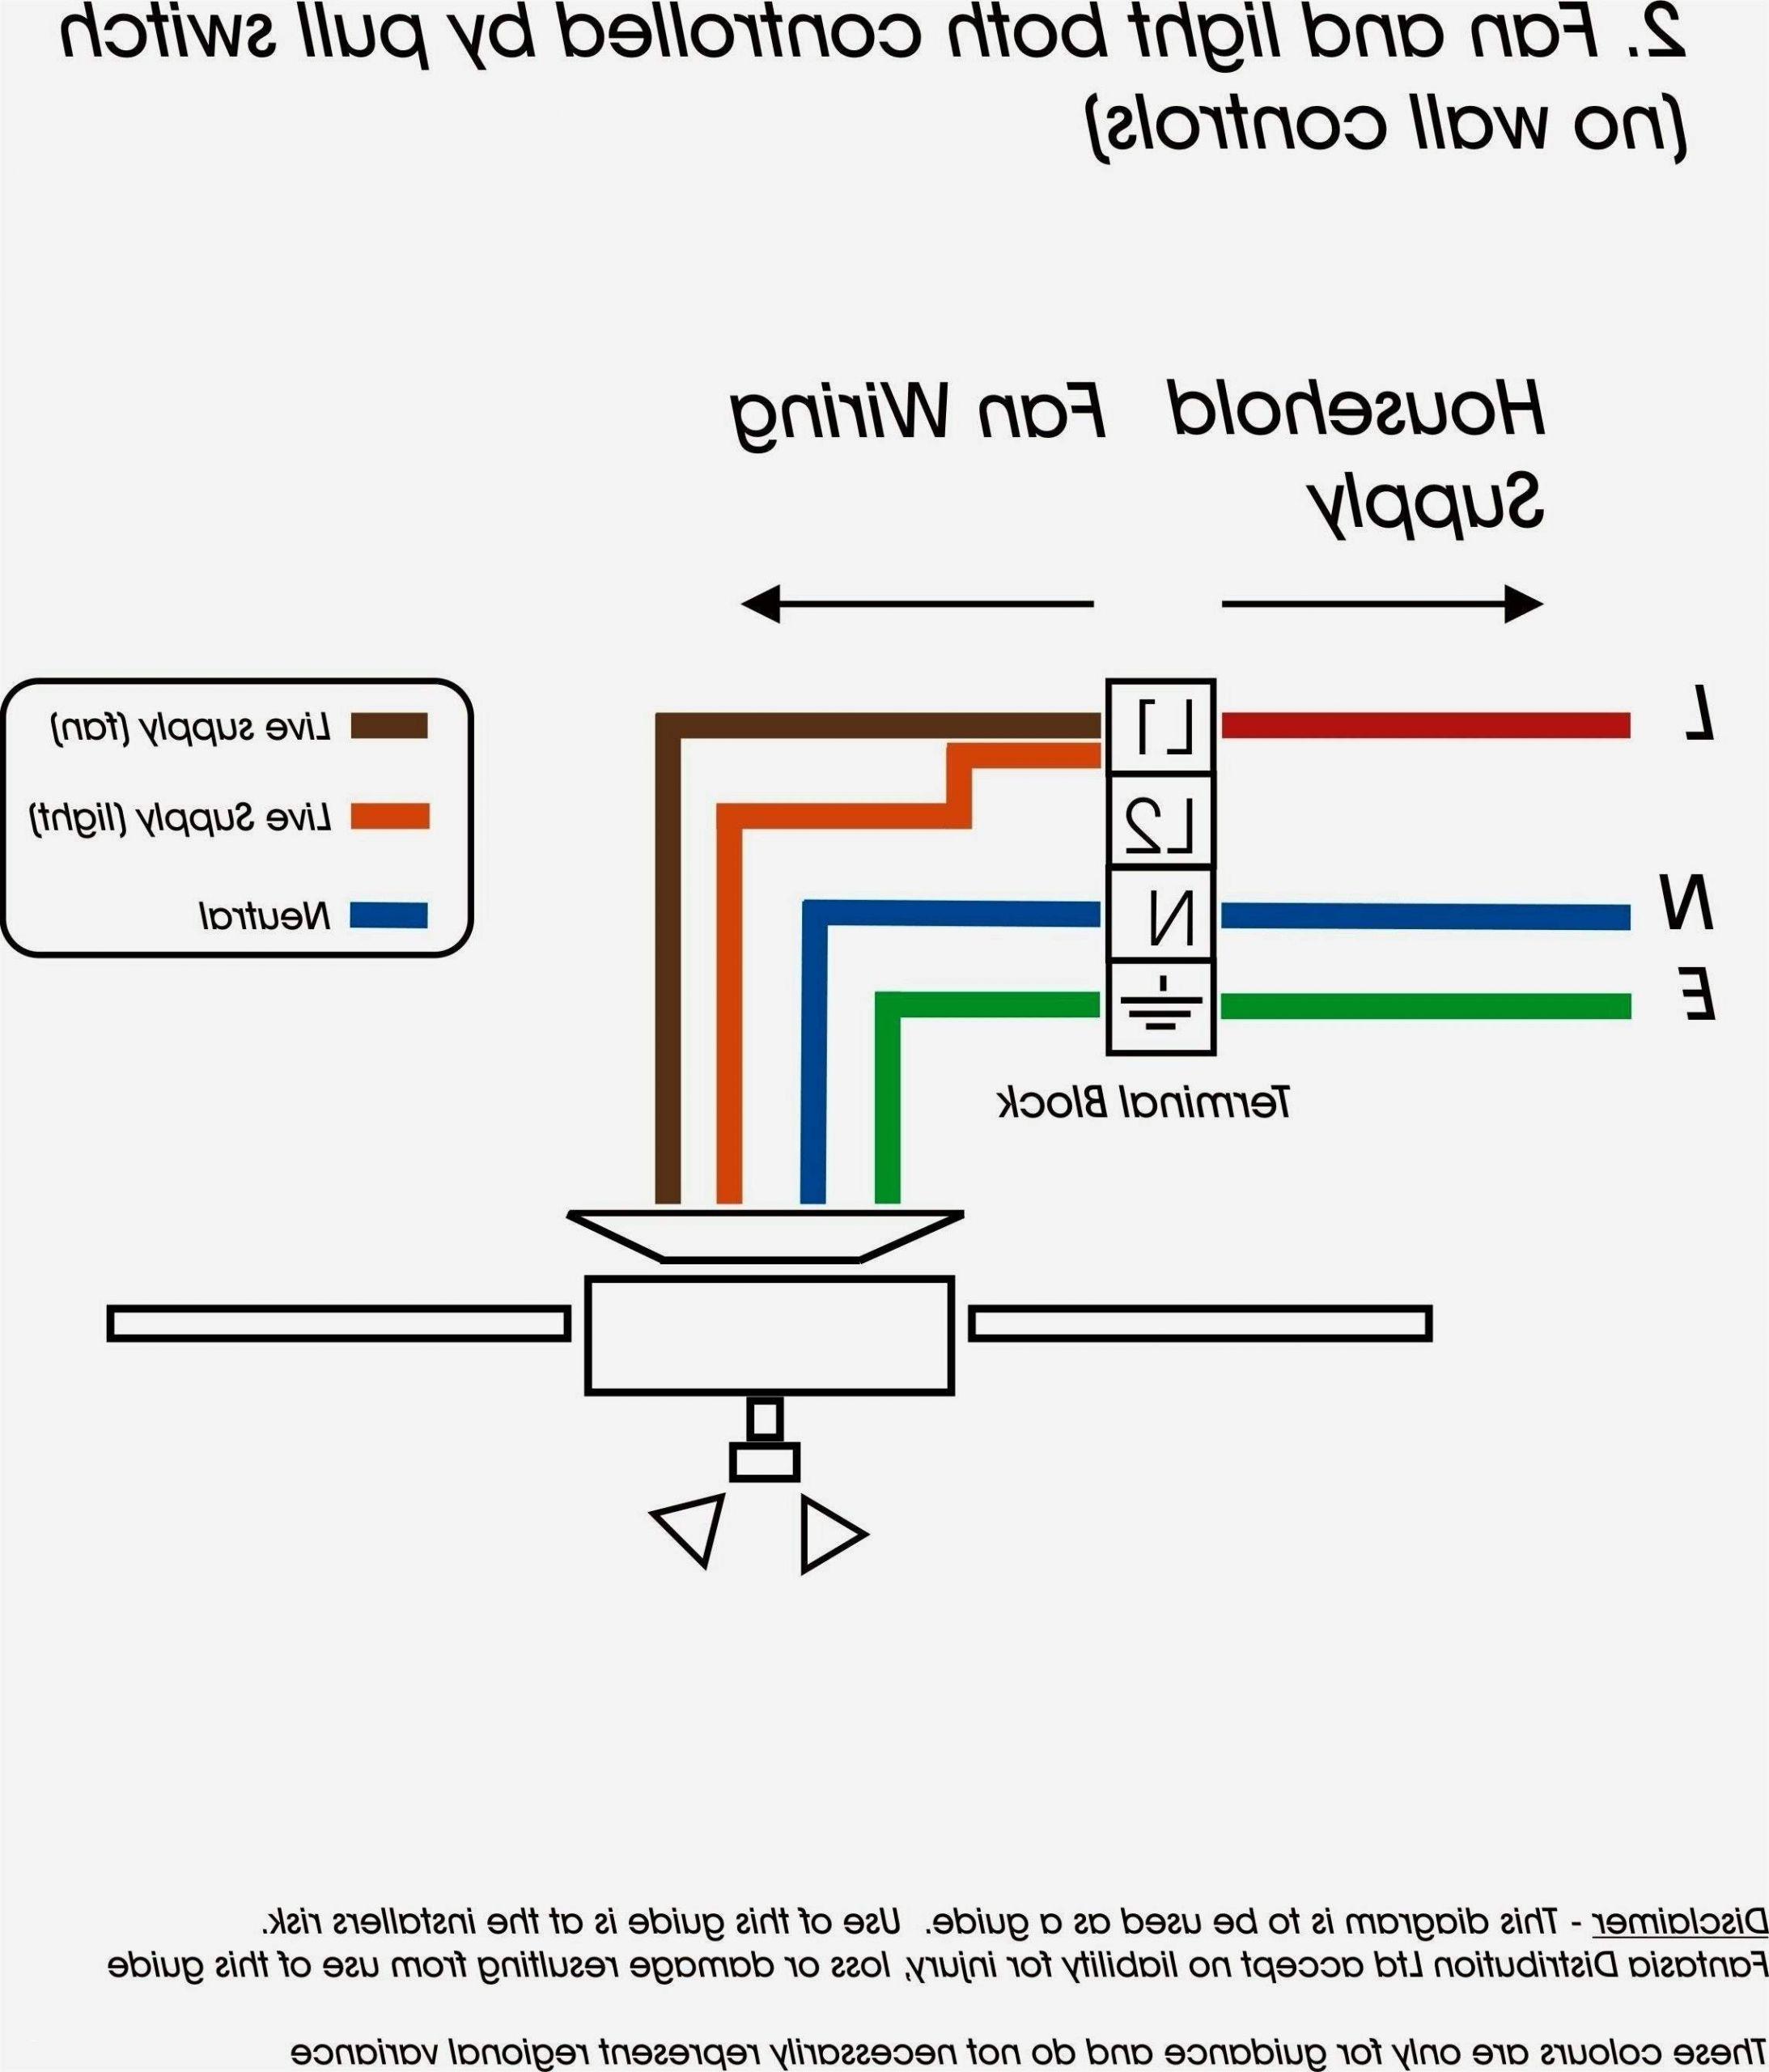 gartengestaltung kleine garten einzigartig circuit board schematic wiring ul of gartengestaltung kleine garten scaled